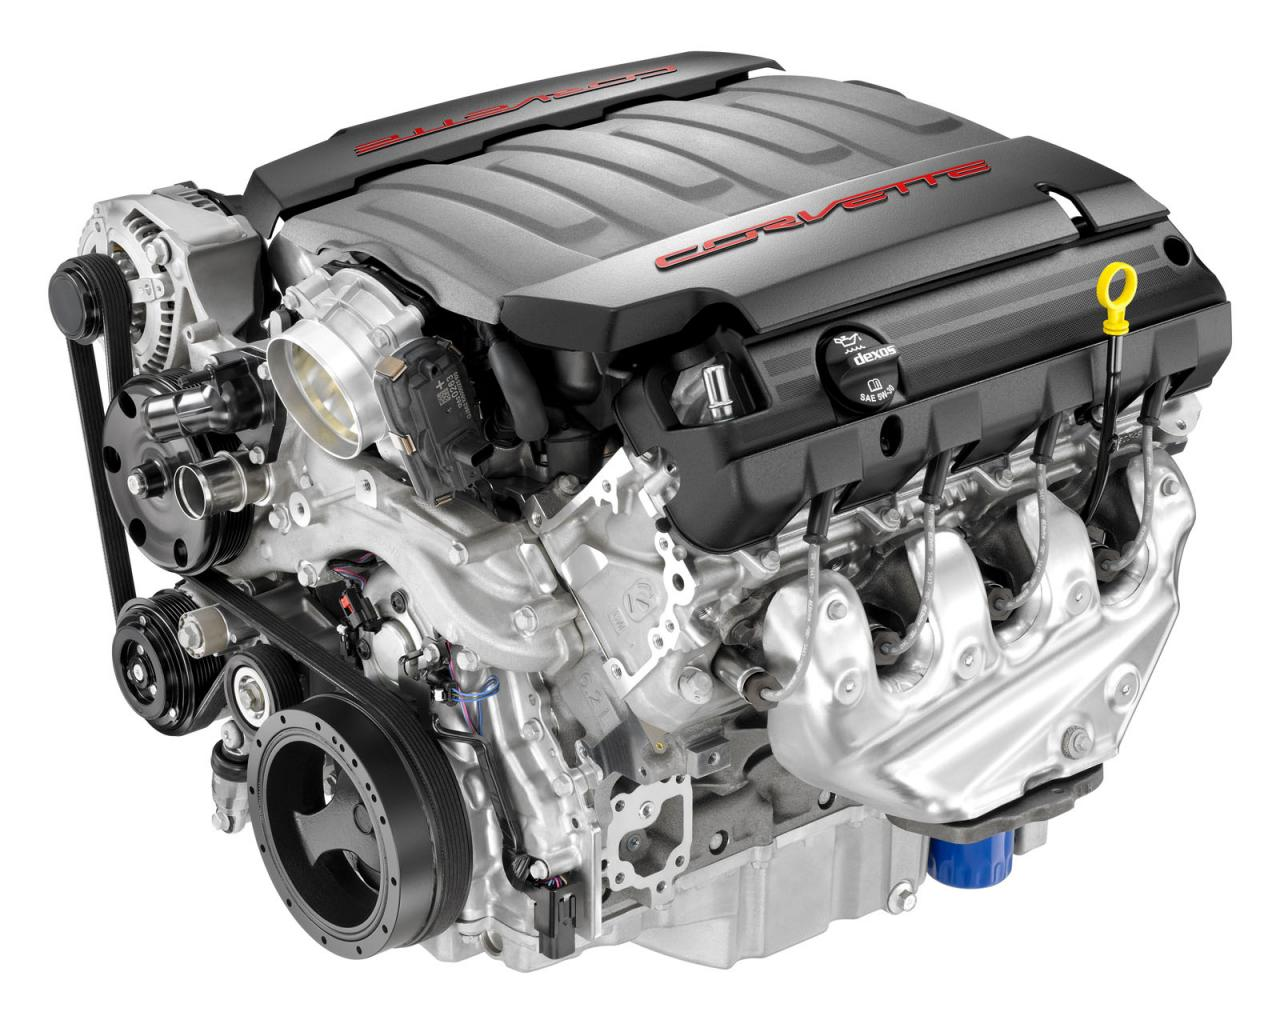 gm confirms 6 2 liter lt1 v8 engine for 2014 chevrolet